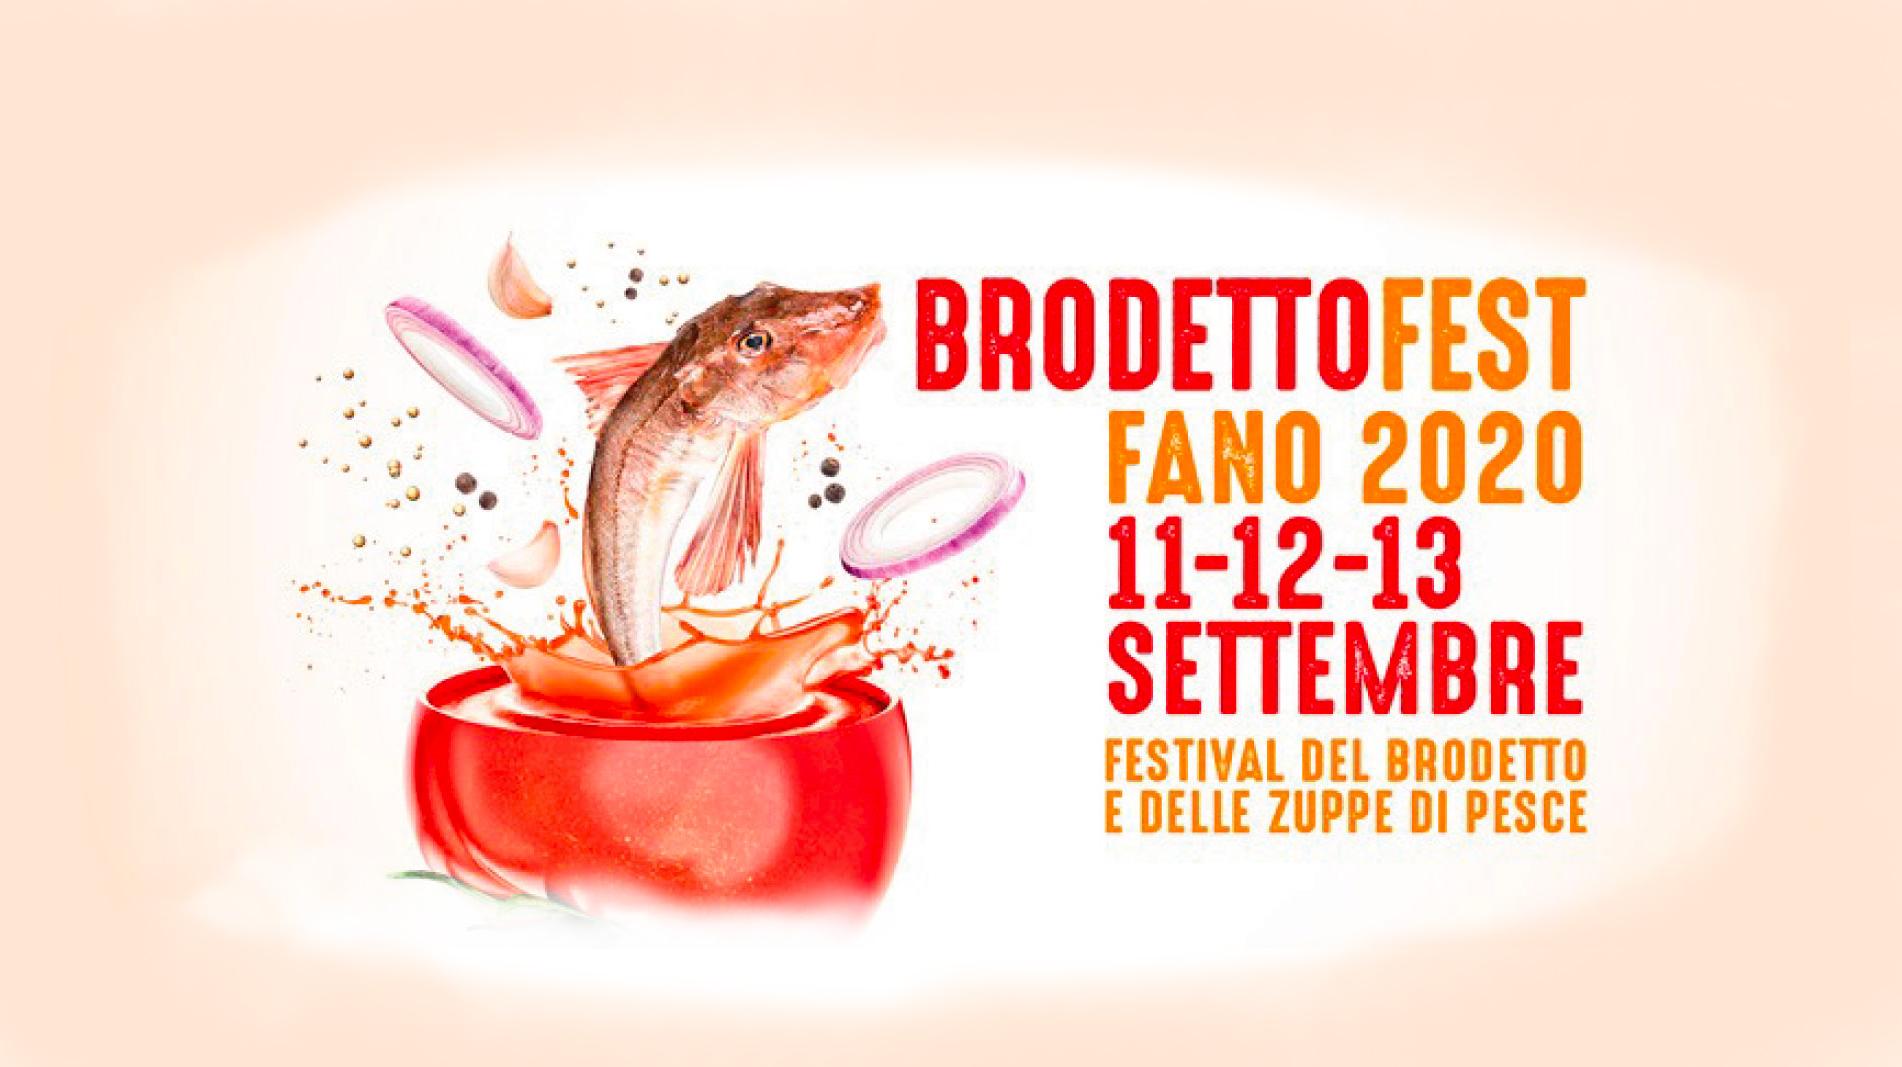 Festival del Brodetto Fano